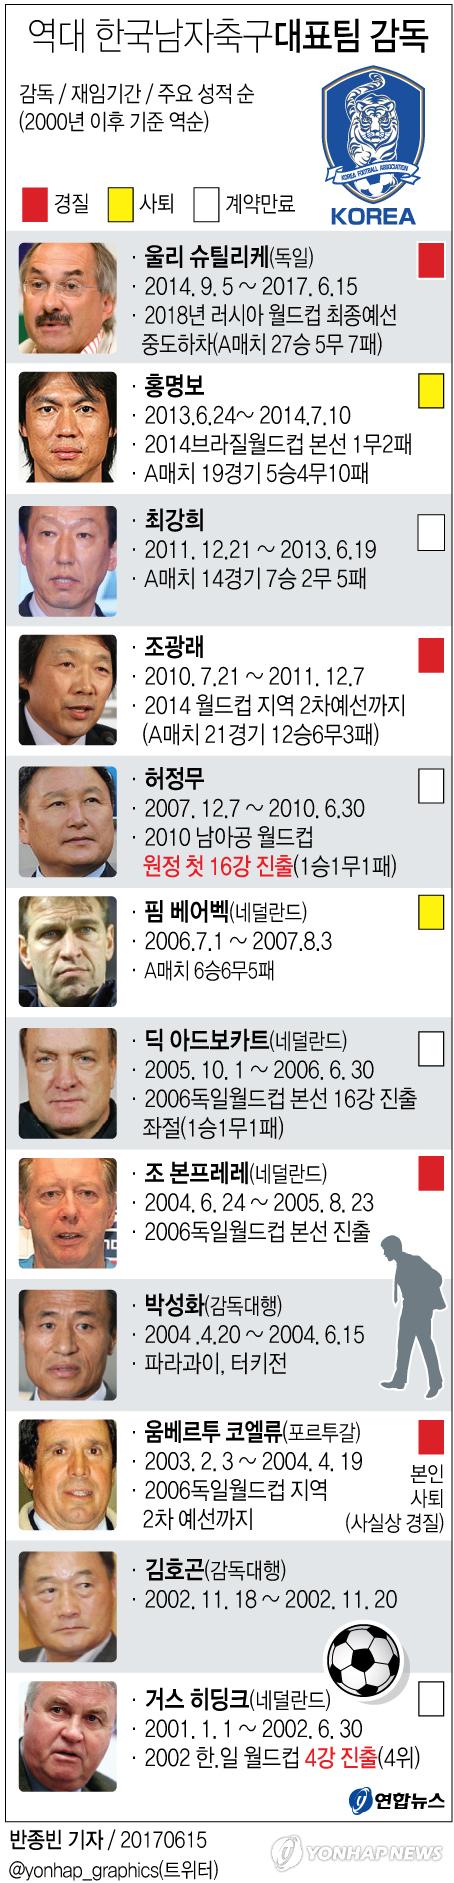 [그래픽] 역대 남자축구대표팀 감독